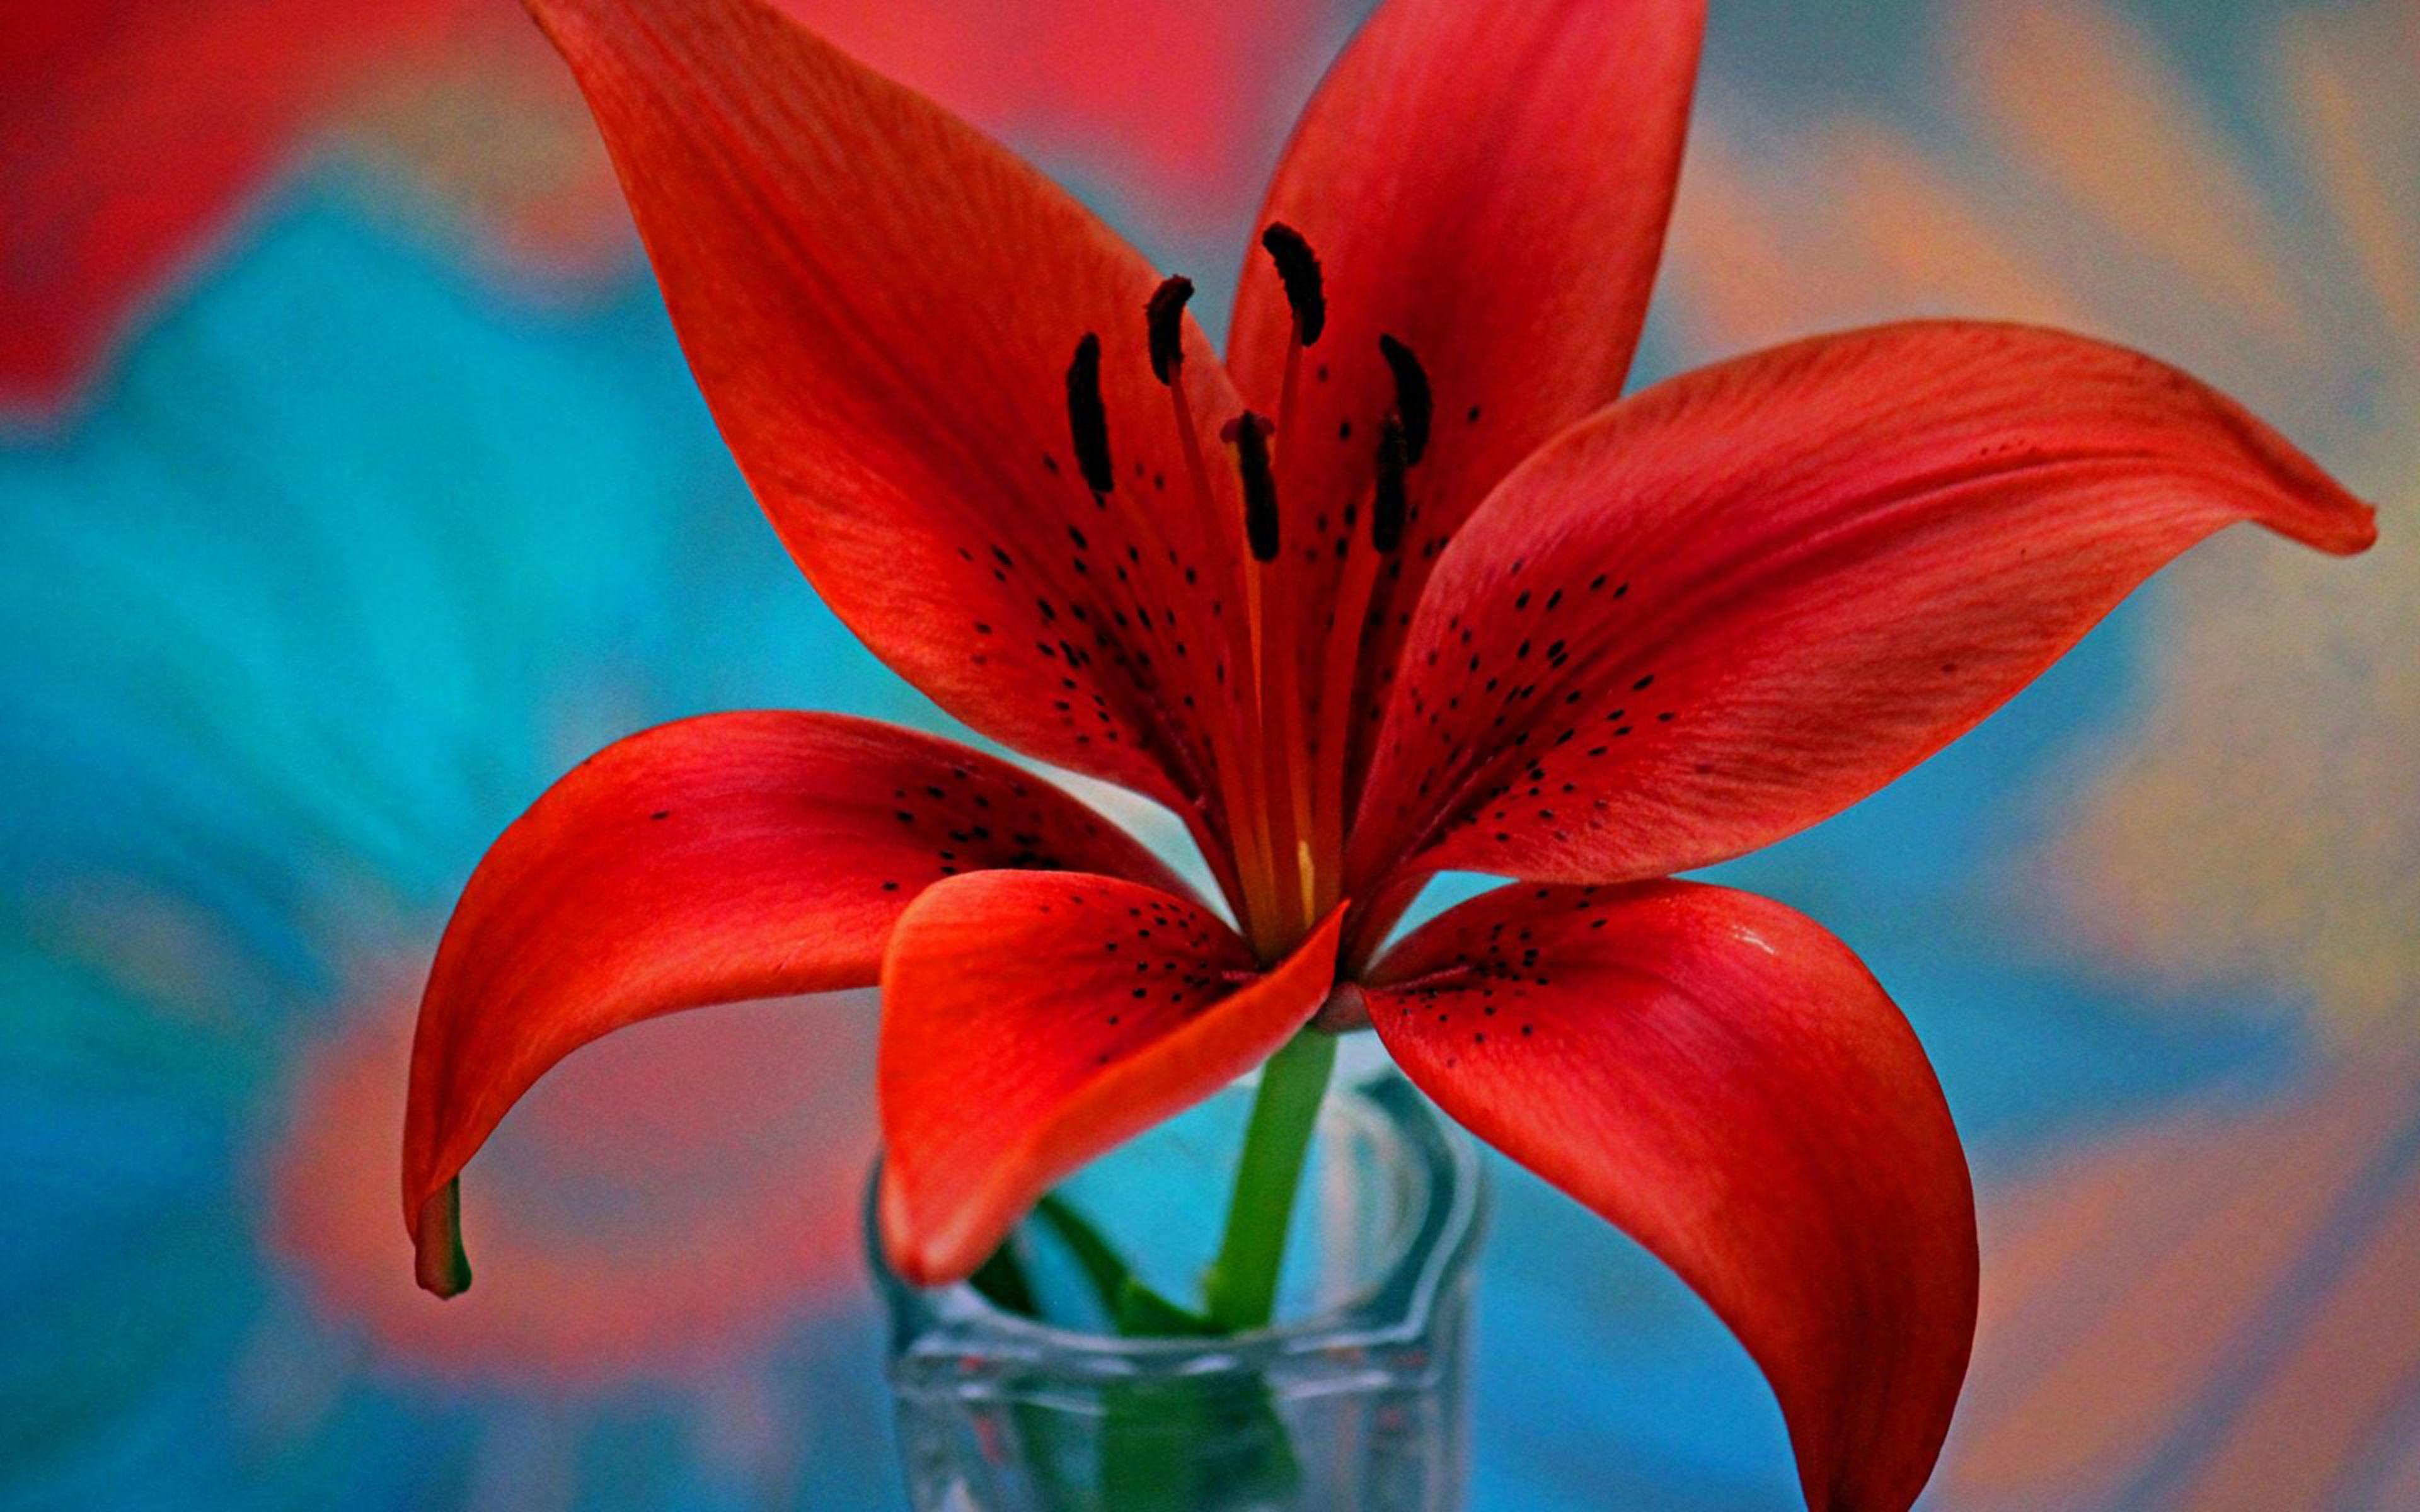 Cute Lock Screen Wallpaper Hd Red Lily Flower Wallpaper For Desktop Hd 3840x2400